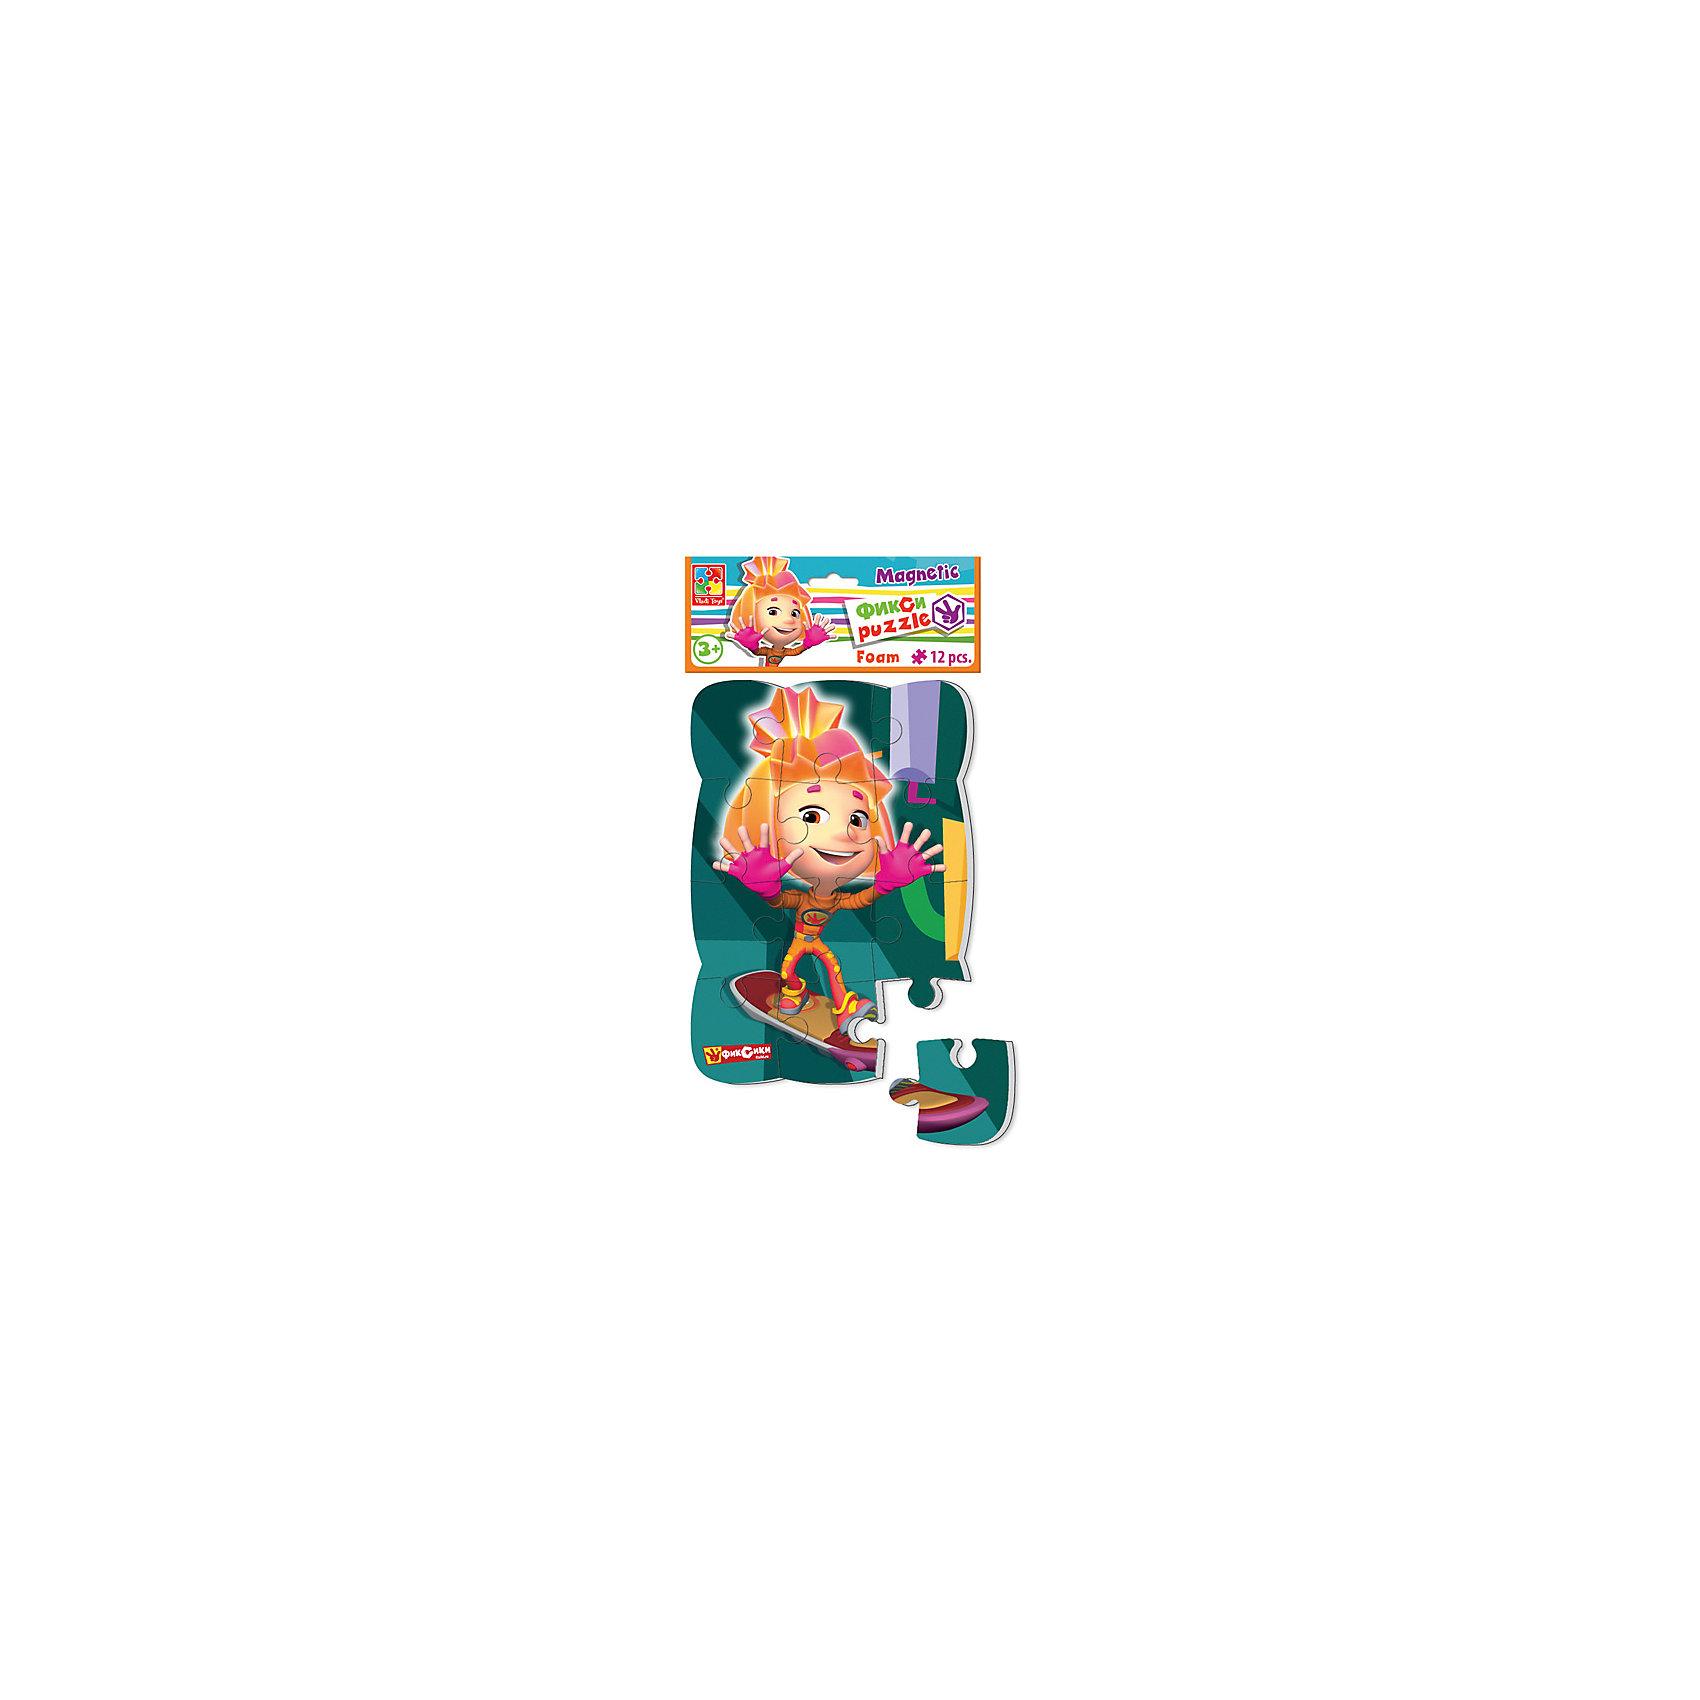 Пазлы на магните Симка, Фиксики, Vladi ToysКоличество деталей<br>Характеристики:<br><br>• Вид игр: развивающие<br>• Серия: пазлы-магниты<br>• Пол: универсальный<br>• Материал: полимер, картон, магнит<br>• Цвет: розовый, оранжевый, зеленый, и др.<br>• Комплектация: 1 пазл из 12-ти элементов<br>• Размеры (Д*Ш*В): 18*4*30,5 см<br>• Тип упаковки: полиэтиленовый пакет с картонным клапаном <br>• Вес: 73 г<br><br>Пазлы на магните Симка, Фиксики, Vladi Toys, производителем которых является компания, специализирующаяся на выпуске развивающих игр, давно уже стали популярными среди аналогичной продукции. Мягкие пазлы – идеальное решение для развивающих занятий с самыми маленькими детьми, так как они разделены на большие элементы с крупными изображениями, чаще всего в качестве картинок используются герои популярных мультсериалов. Самое важное в пазле для малышей – это минимум деталей и безопасность элементов. Все используемые в производстве материалы являются экологически безопасными, не вызывают аллергии, не имеют запаха. Пазлы на магните Симка, Фиксики, Vladi Toys представляет собой сюжетную картинку, которая состоит из 12-и крупных элементов с изображением Симки. <br>Занятия с мягкими пазлами от Vladi Toys способствуют развитию не только мелкой моторики, но и внимательности, усидчивости, терпению при достижении цели. Кроме того, по собранной картинке можно составлять рассказ, что позволит развивать речевые навыки, память и воображение.<br><br>Пазлы на магните Симка, Фиксики, Vladi Toys можно купить в нашем интернет-магазине.<br><br>Ширина мм: 180<br>Глубина мм: 4<br>Высота мм: 305<br>Вес г: 73<br>Возраст от месяцев: 24<br>Возраст до месяцев: 60<br>Пол: Унисекс<br>Возраст: Детский<br>SKU: 5136087